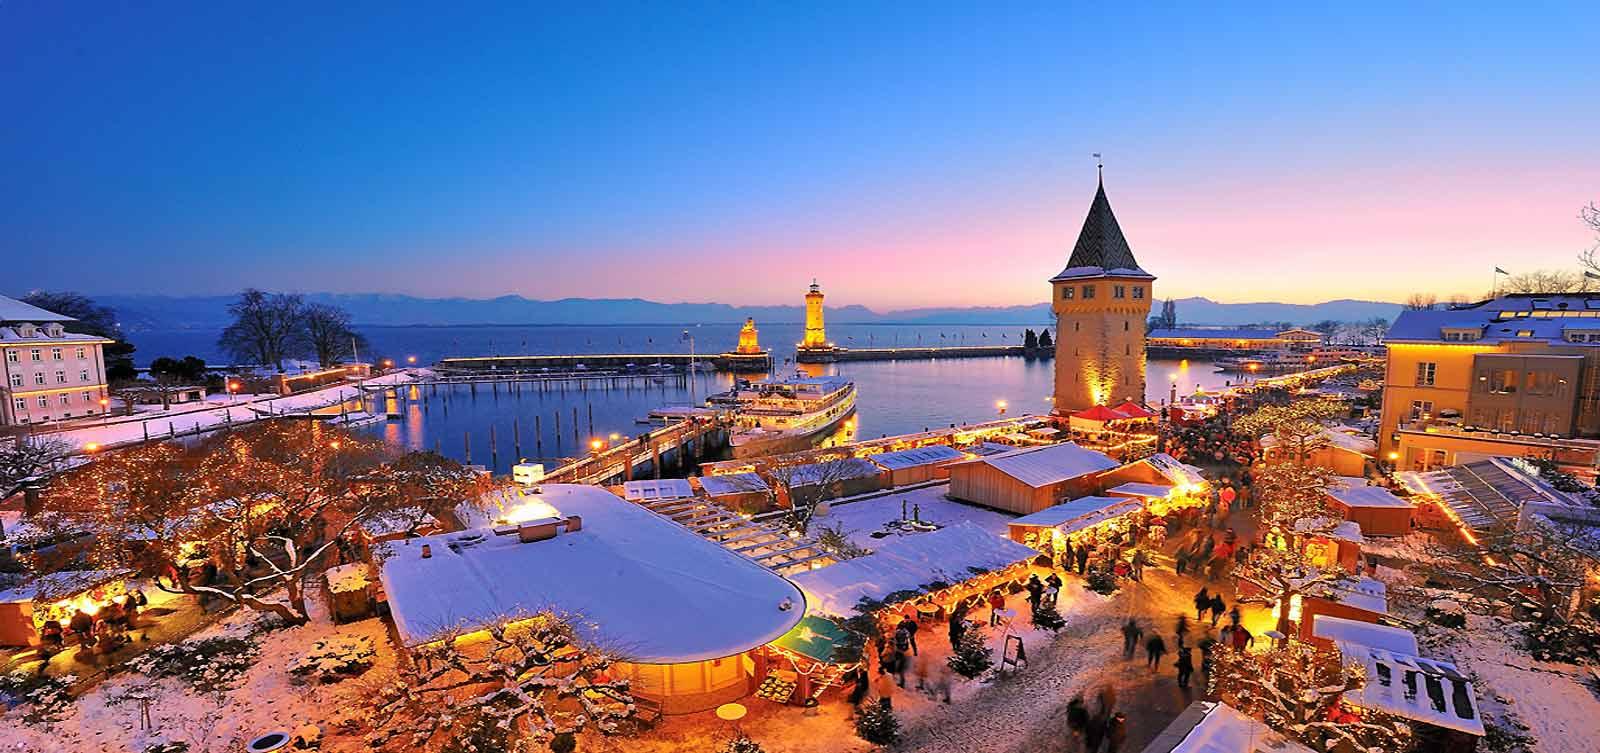 Hafenadvent Bodensee